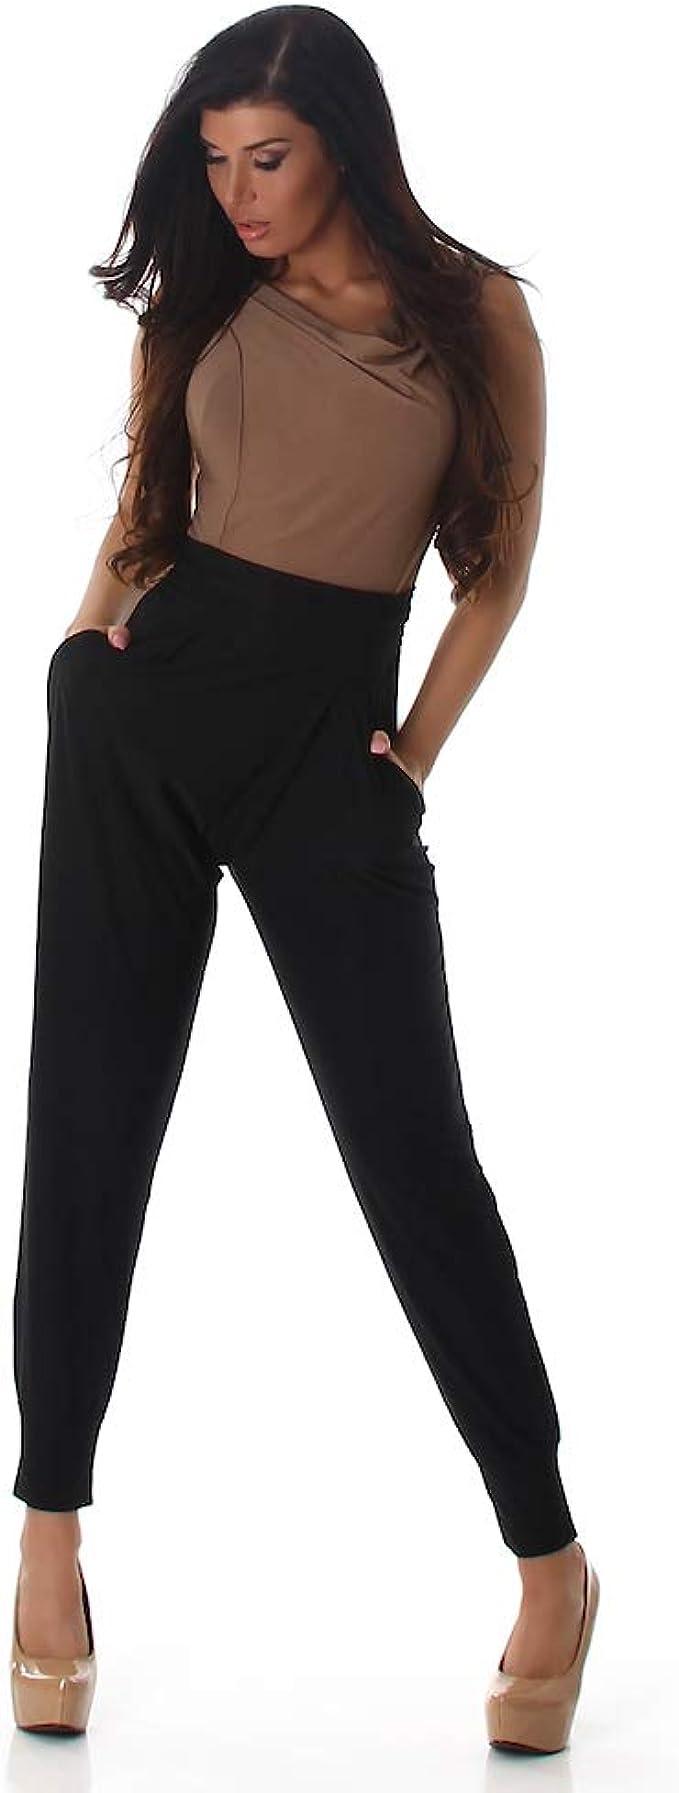 Tuta Intera Donna Overall Jumpsuit Bicolore Tutina Pantaloni con Cintura Blanco Store